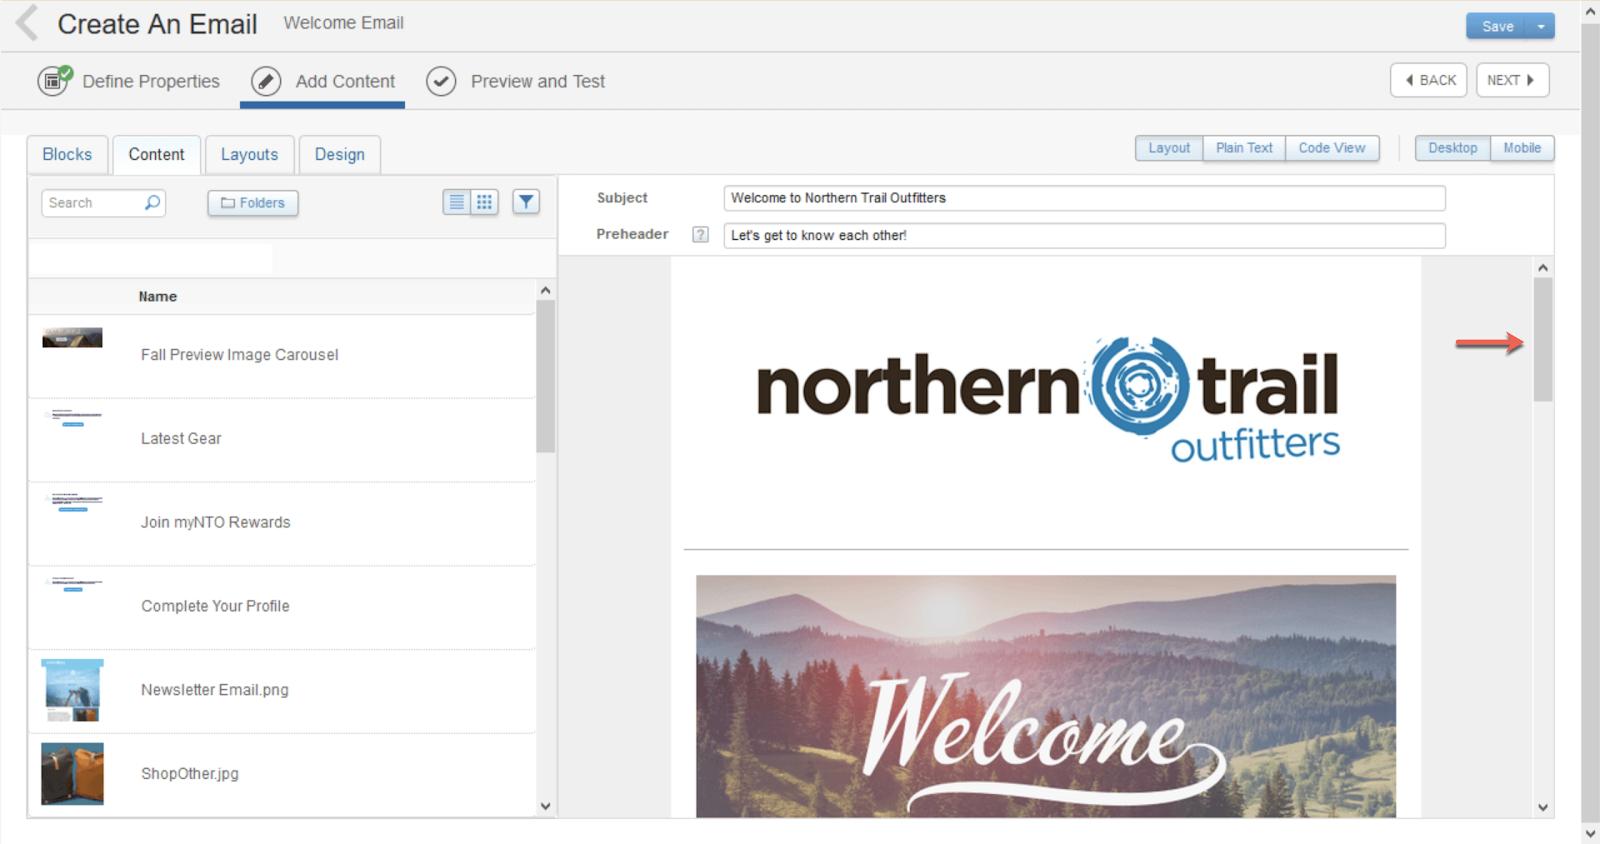 Capture d'écran montrant une flèche rouge indiquant la barre de défilement la plus proche du logo de NorthernTrailOutfitters. C'est utile, car deux barres de défilement sont visibles à l'écran.